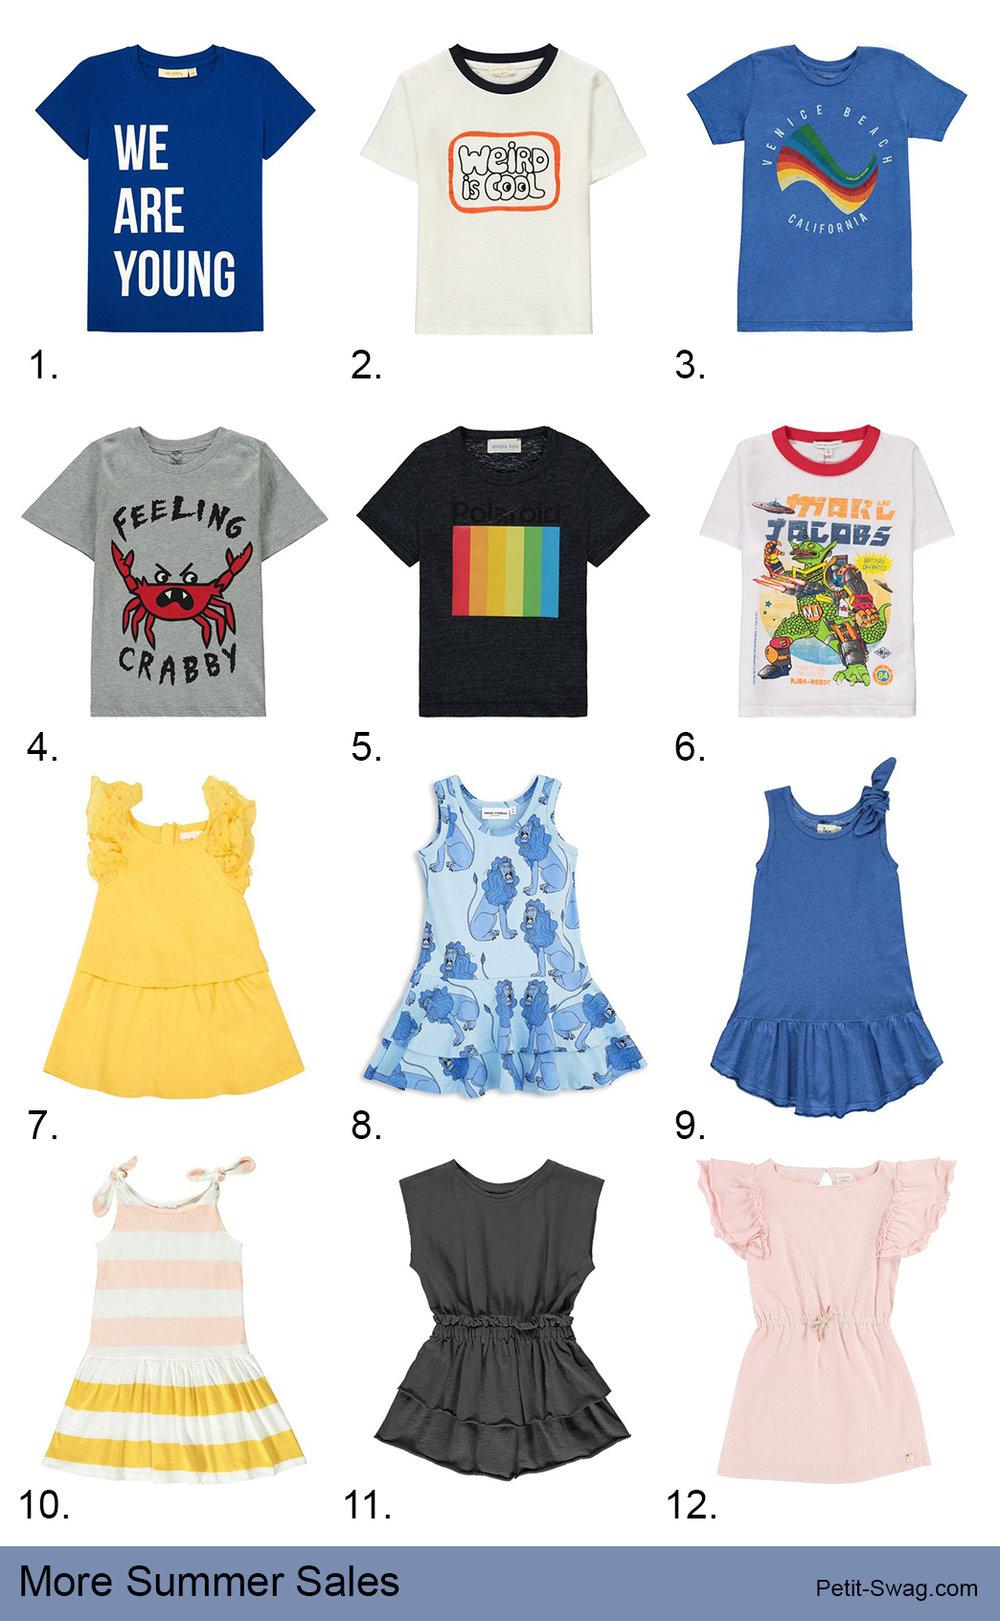 More Summer Sales_Petit-Swag.com